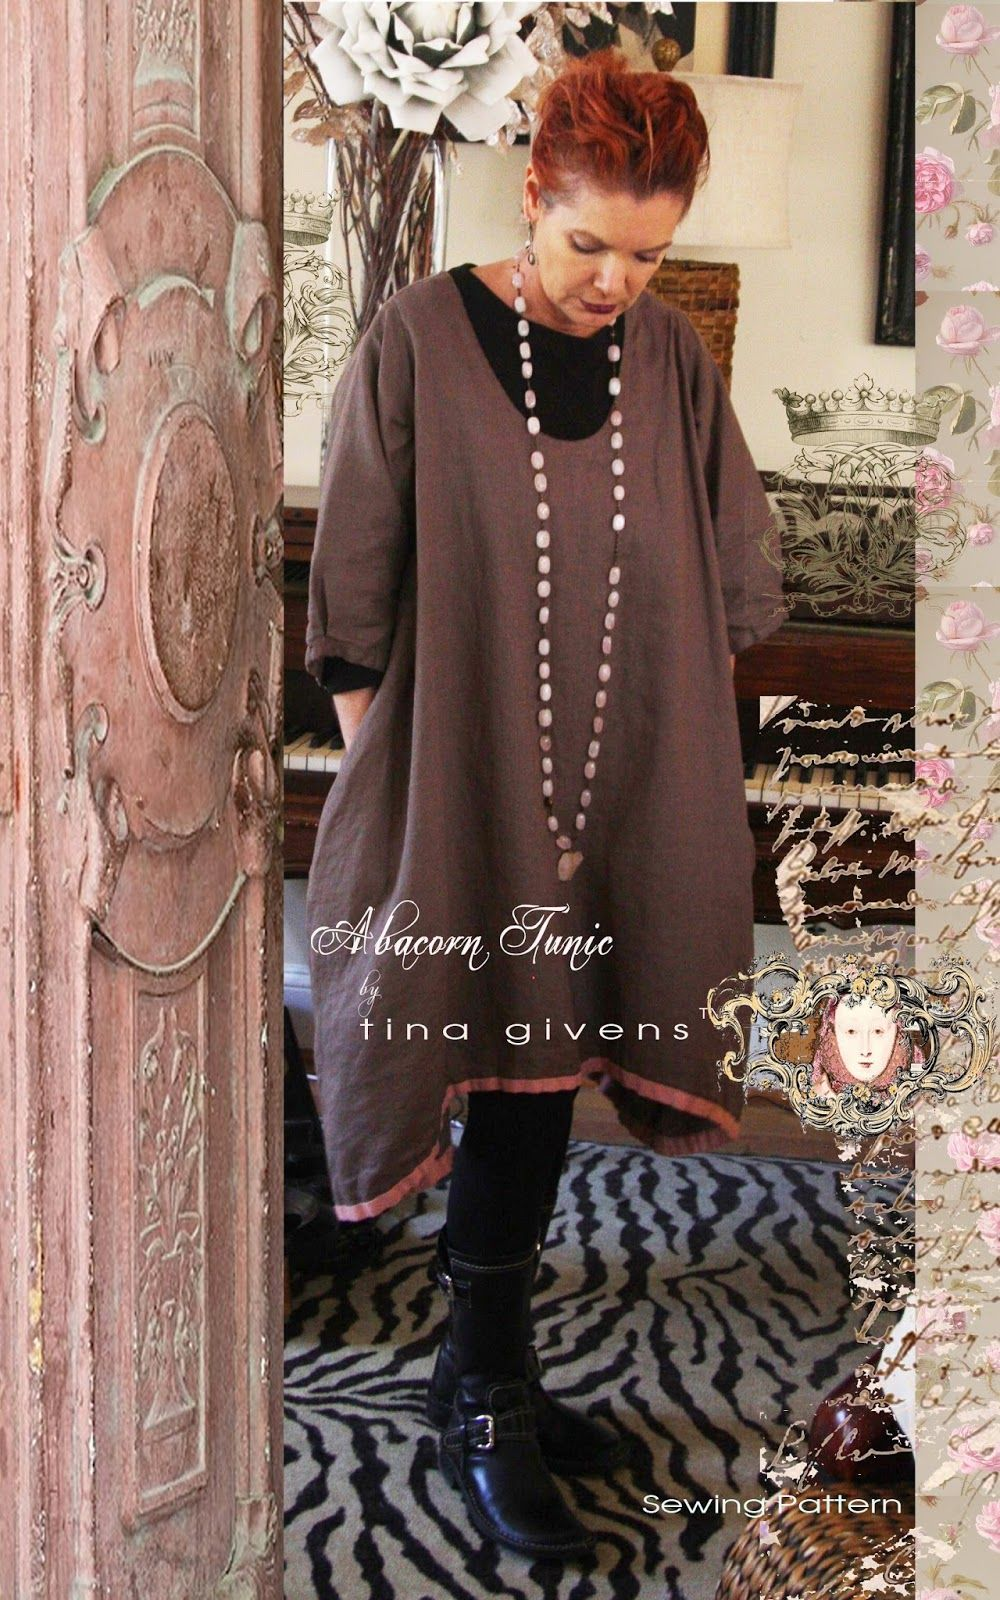 Tina givens new sewing patterns sew tina givens pinterest tina givens new sewing patterns jeuxipadfo Choice Image